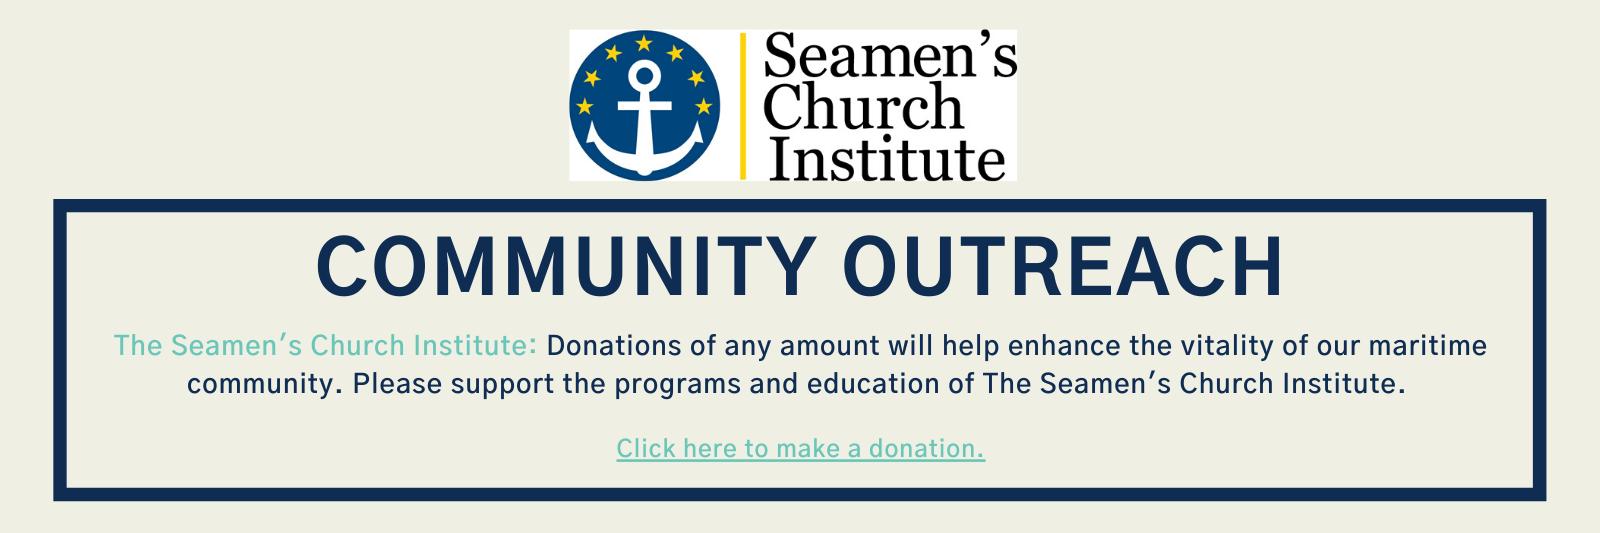 Community-Outreach-Seamen's-Church-Institute.png